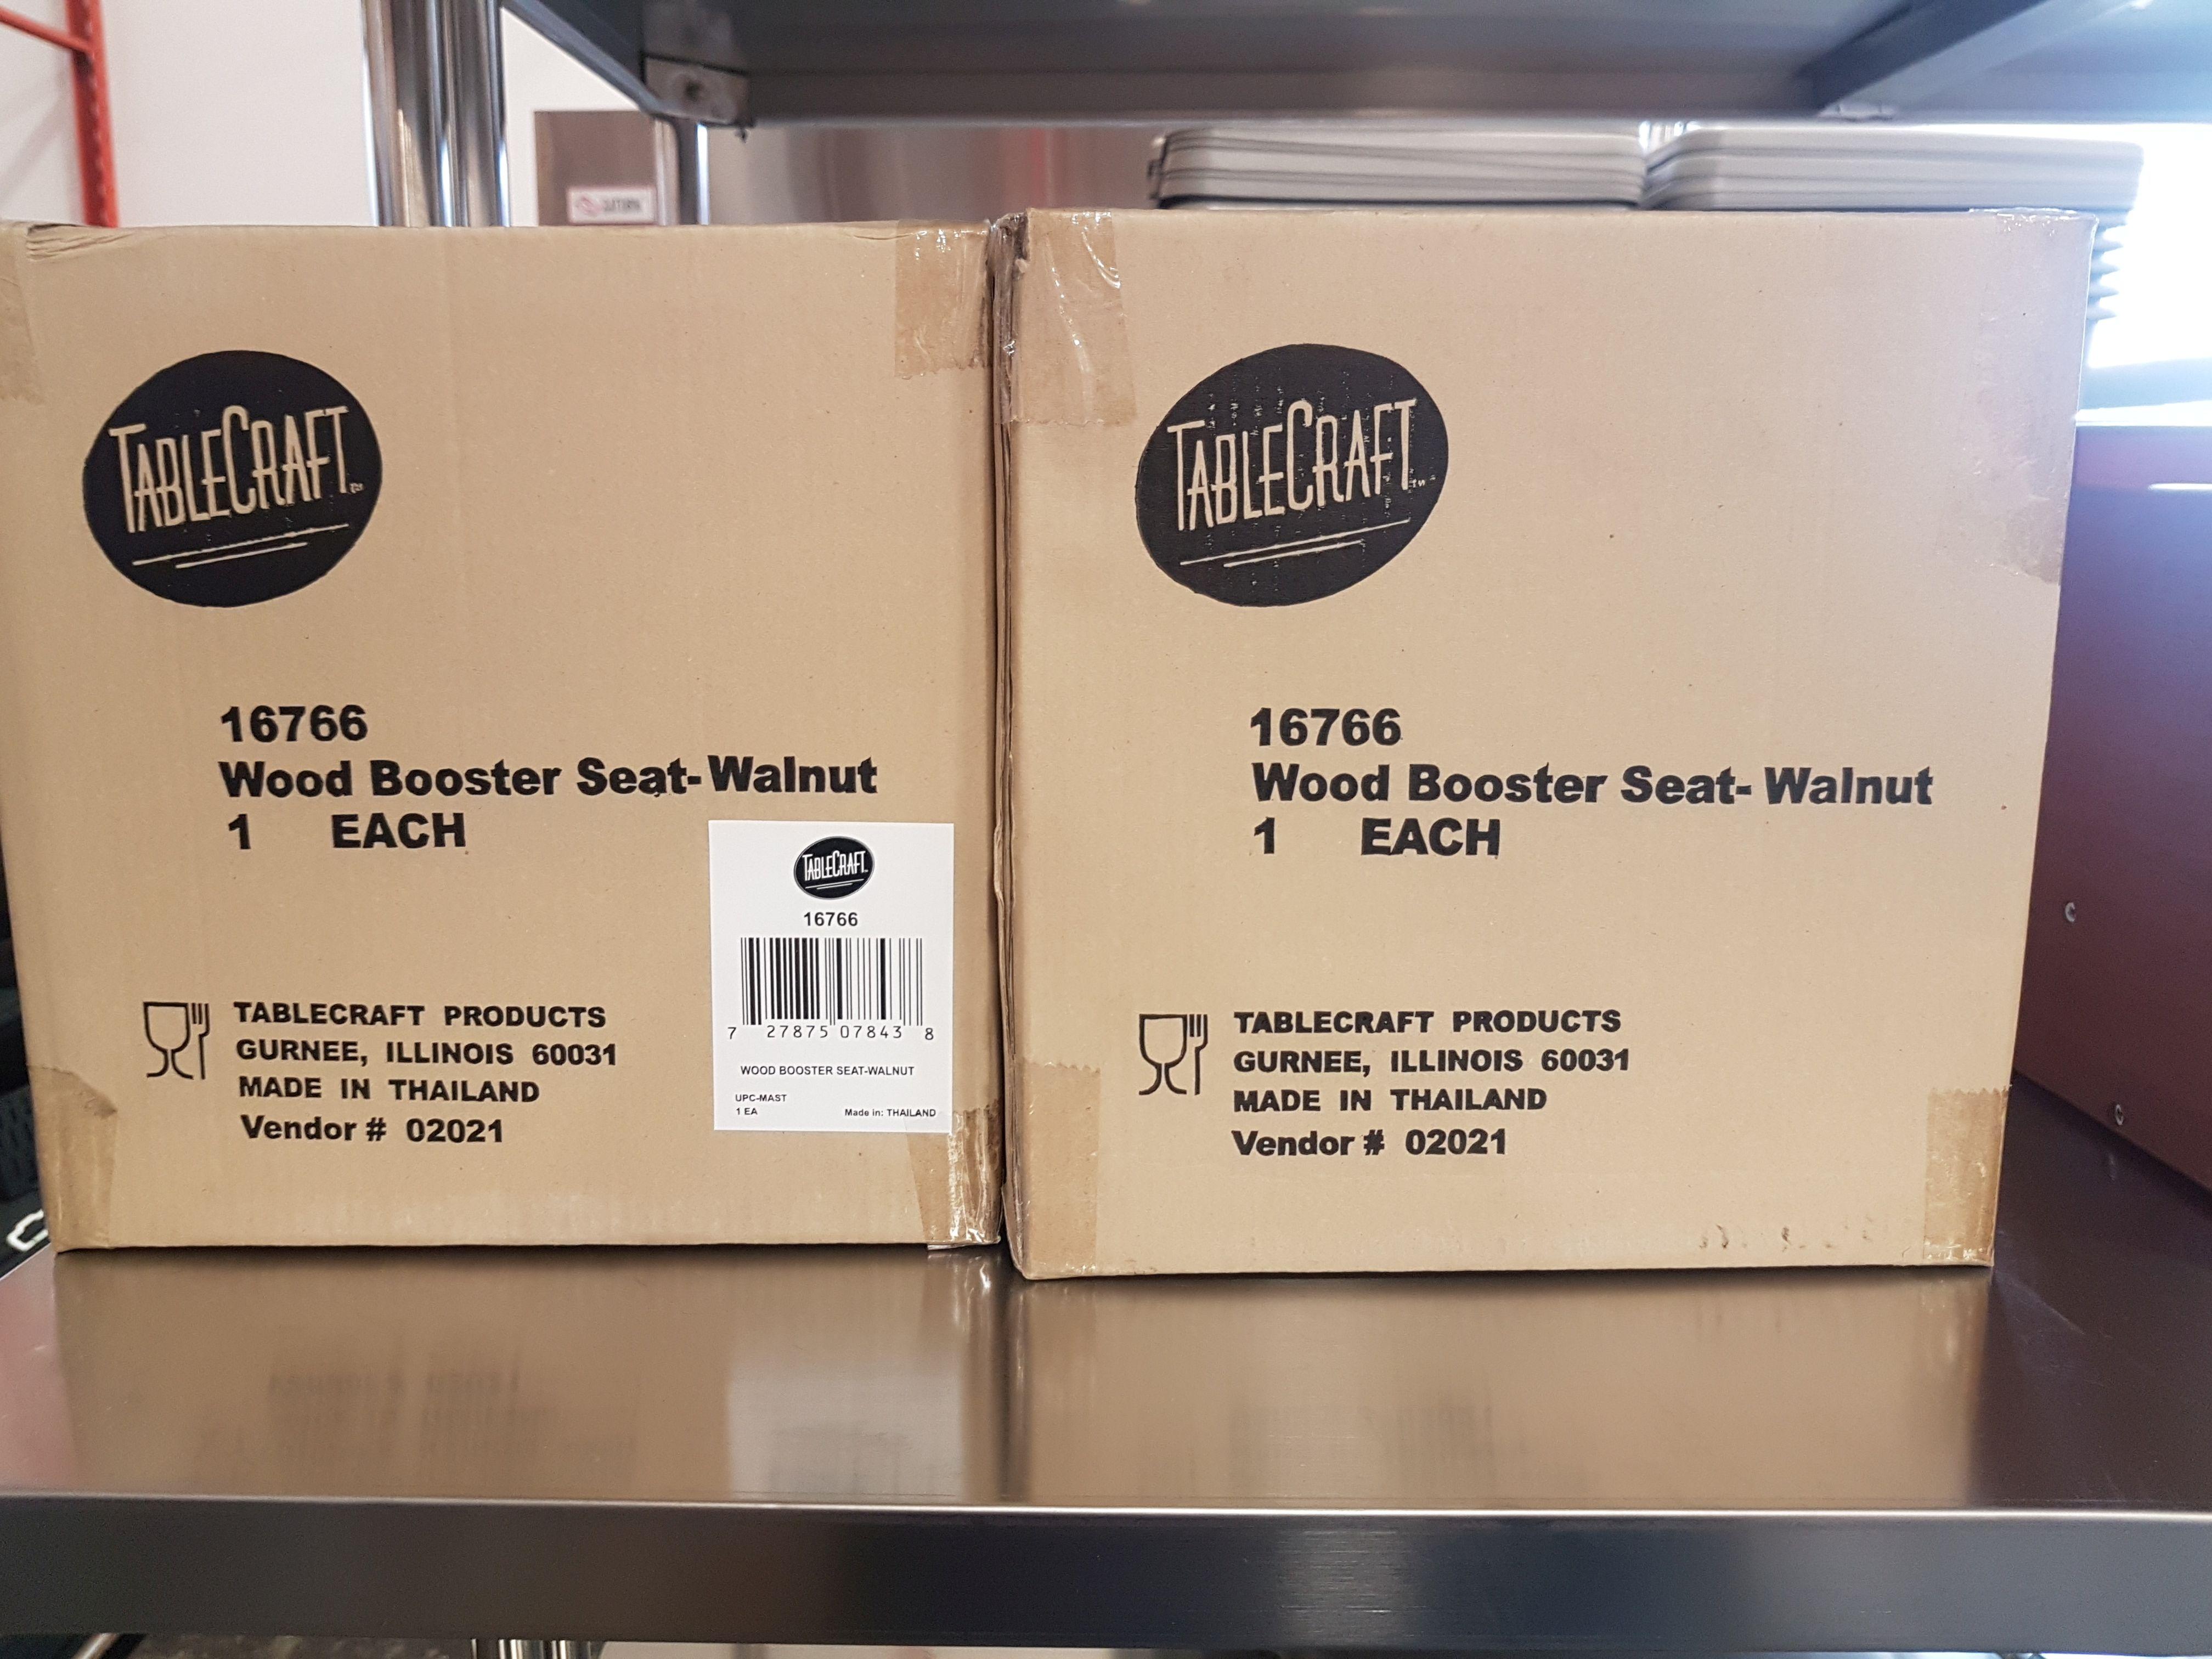 Lot 15 - Wood Booster Seats - Walnut - Lot of 3